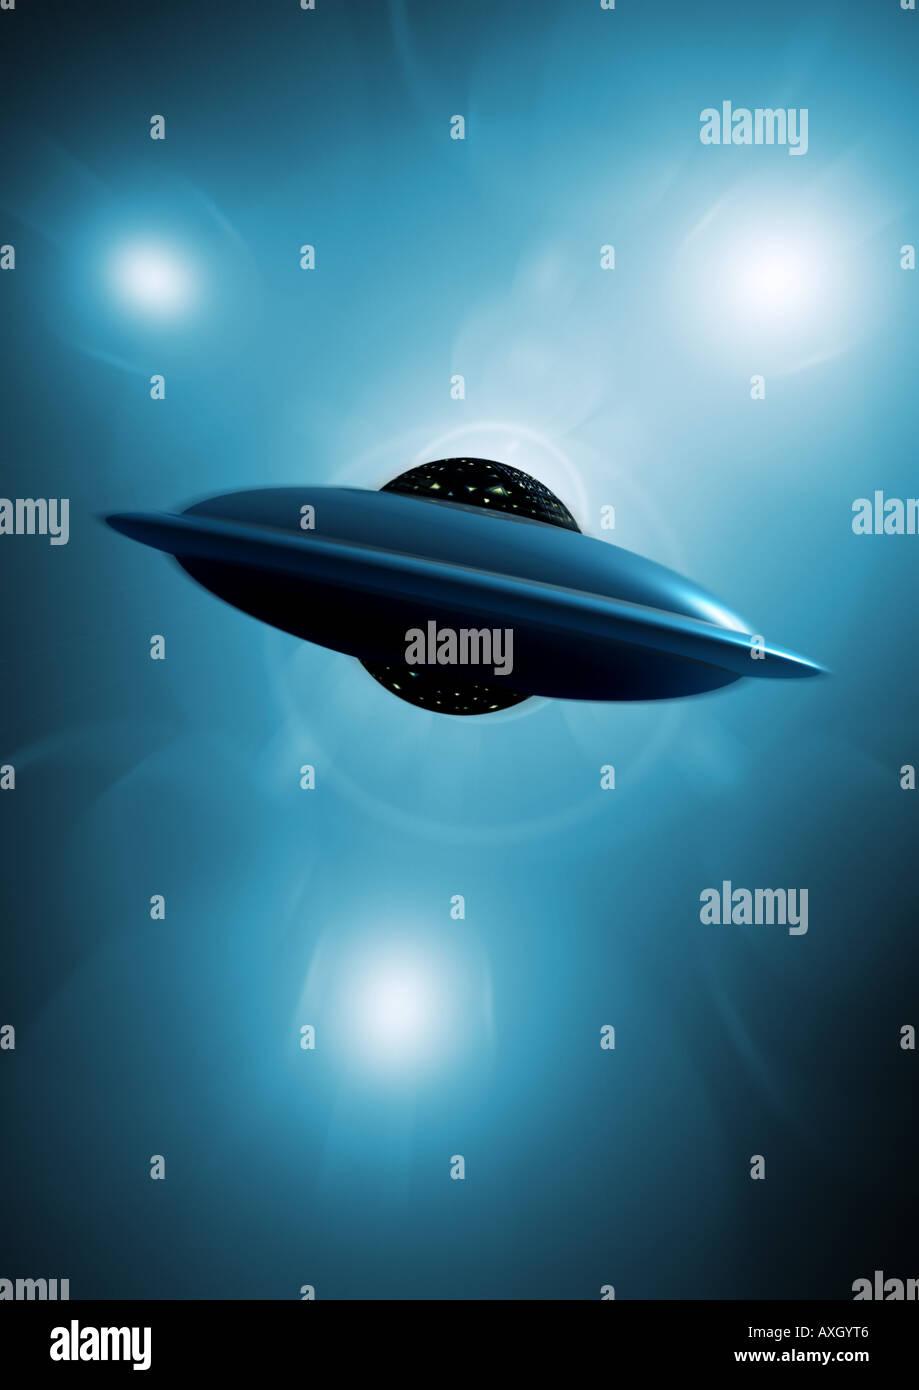 UFO Photo Stock